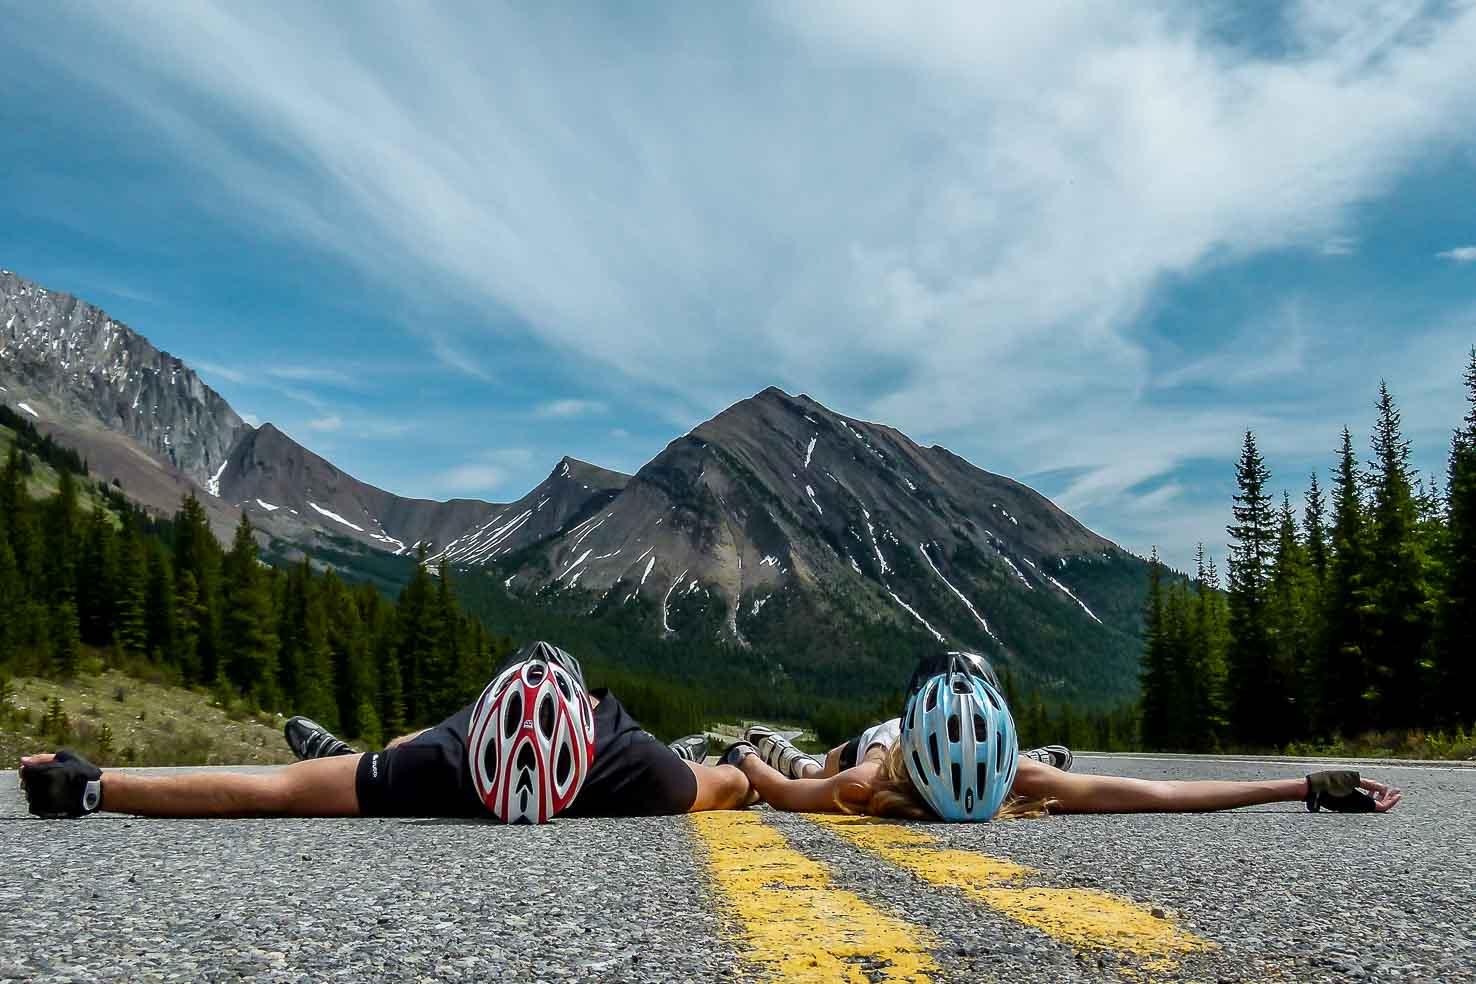 kanada-dünyanın-en-uzun-bisiklet-yolu